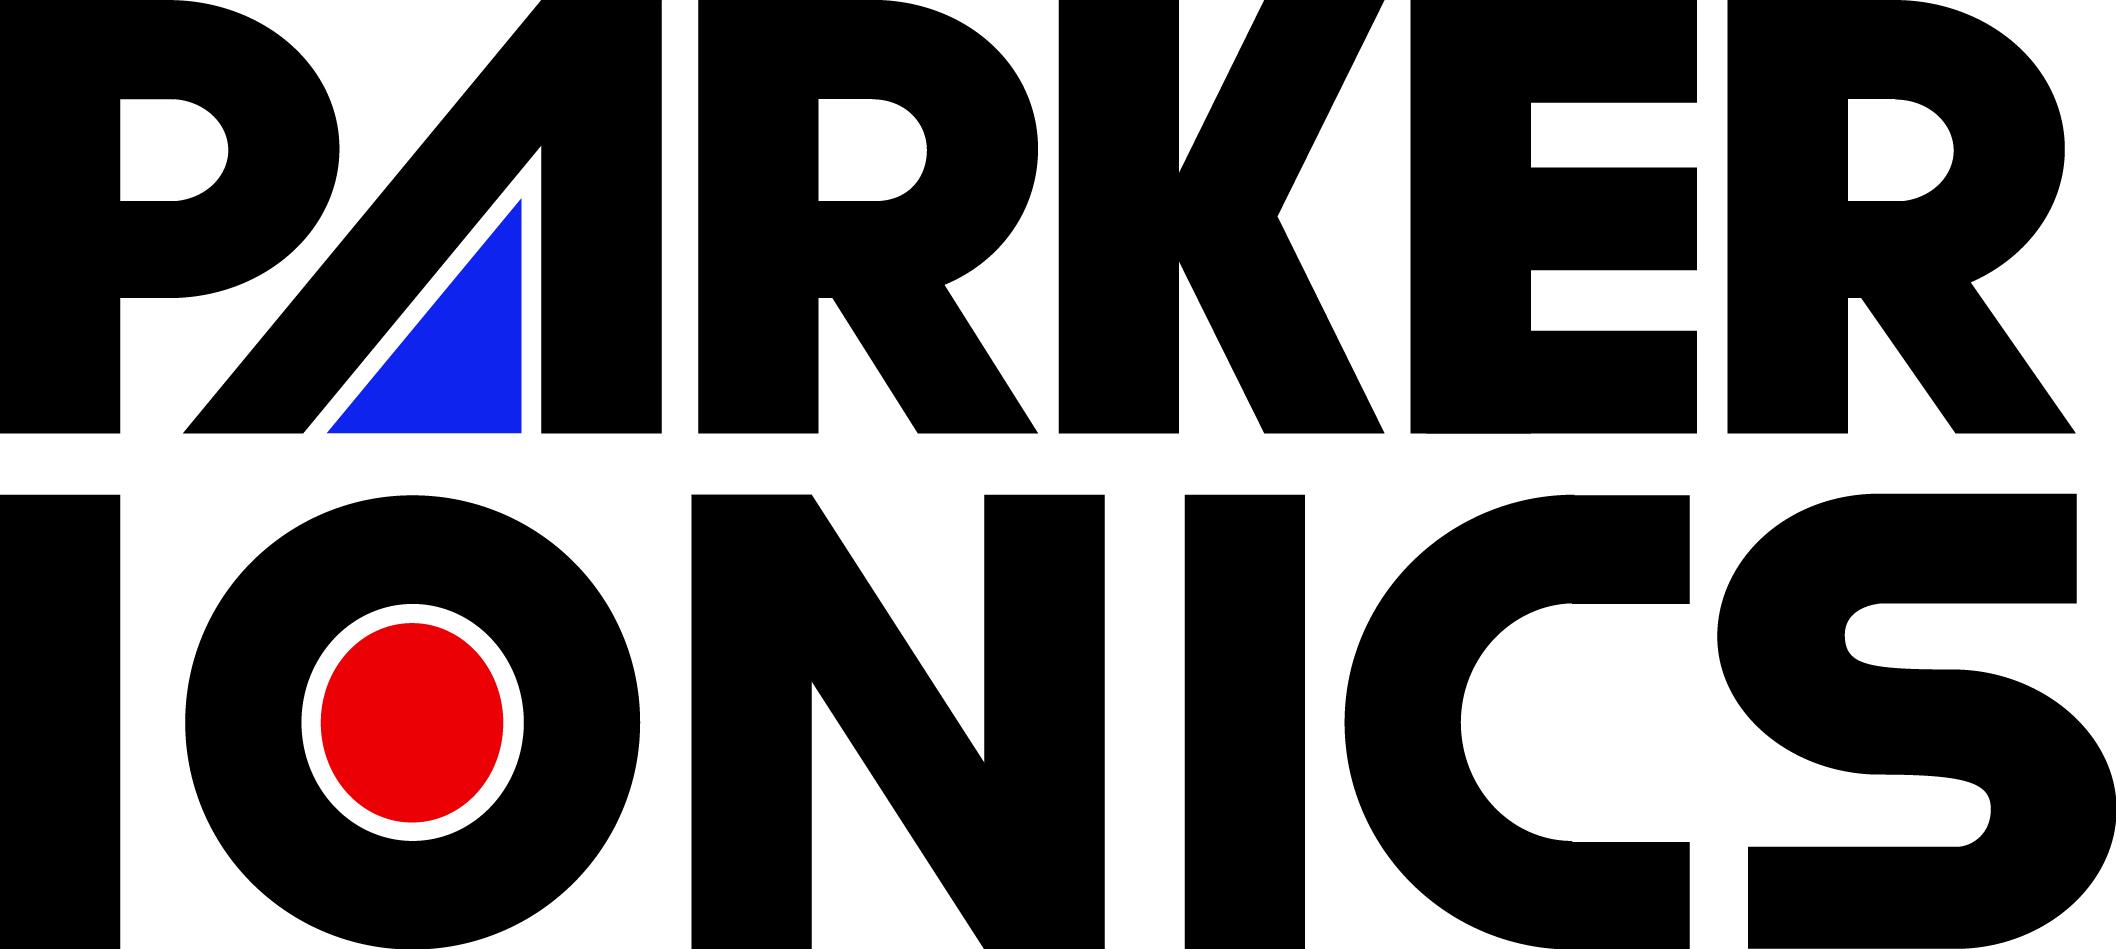 ParkerIonics-Web (1)